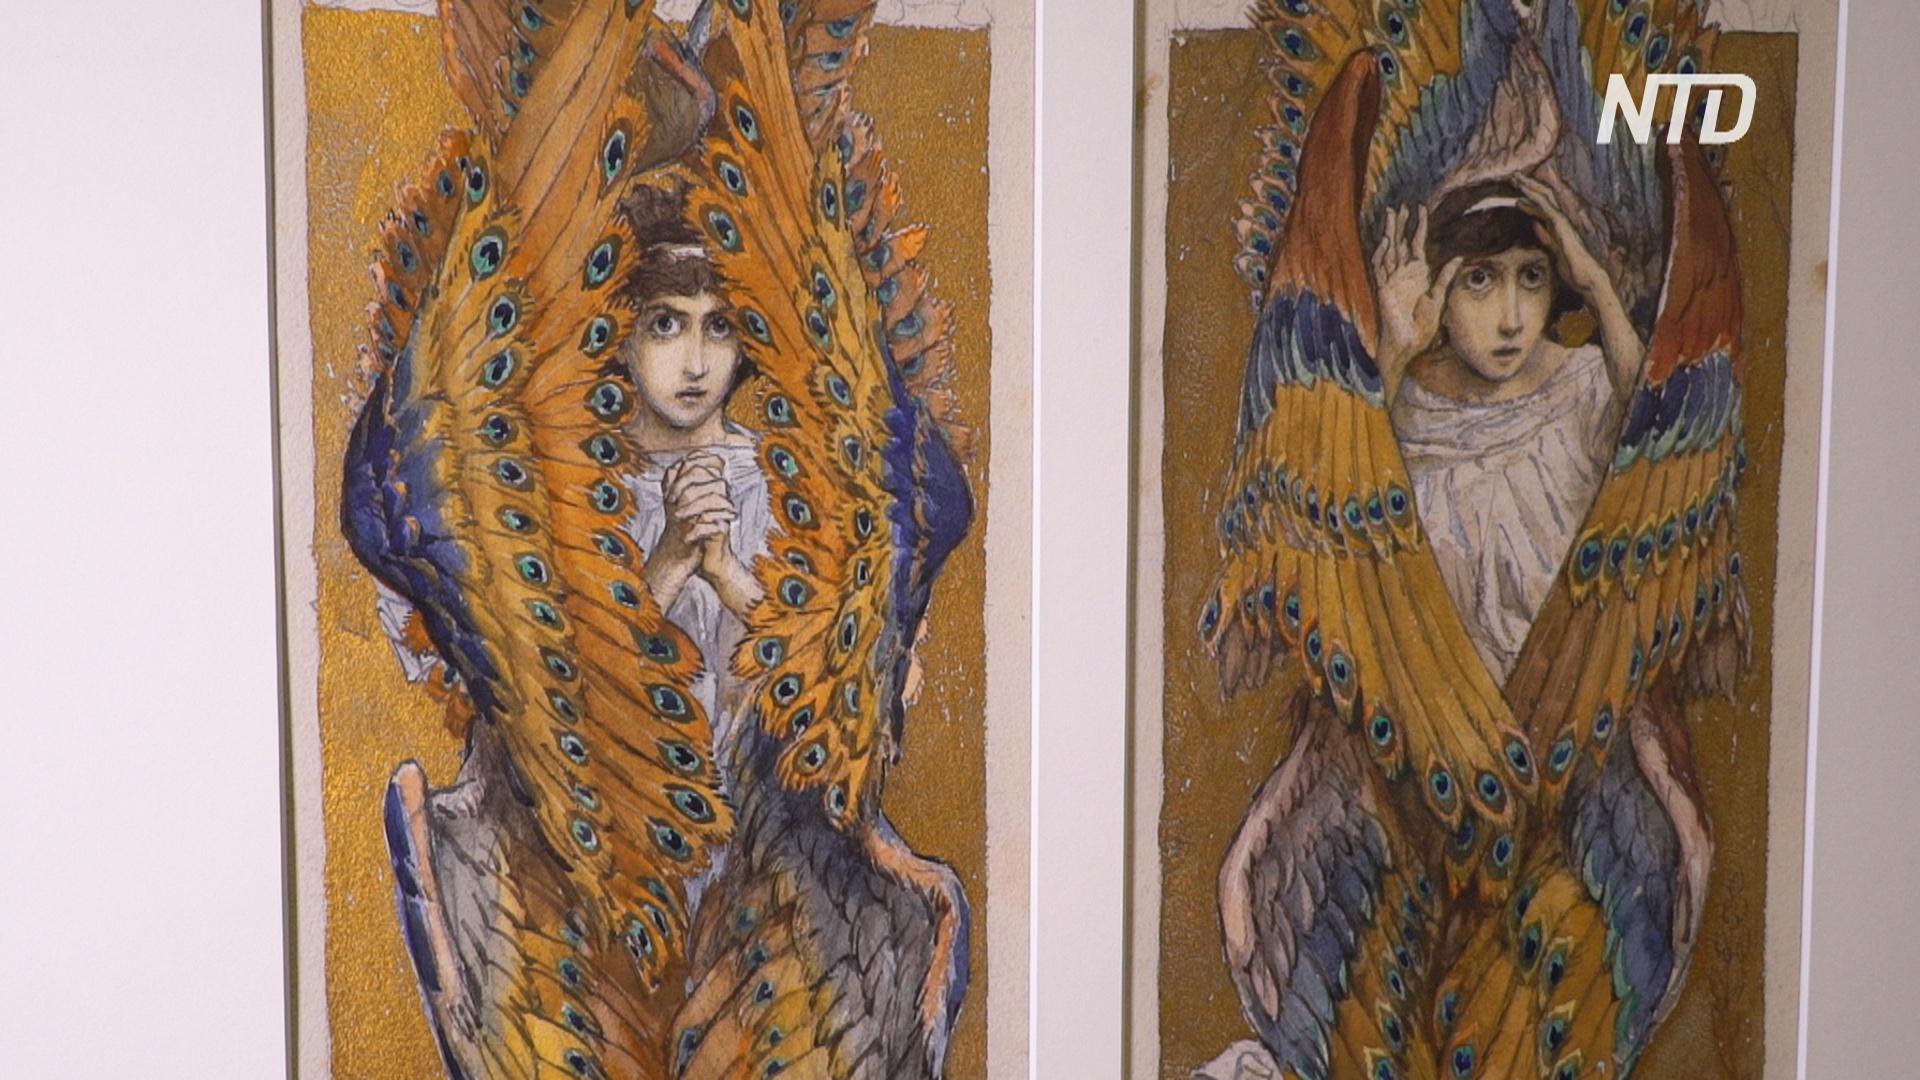 Графика Репина, Серова и Васнецова на экспозиции в Третьяковской галерее